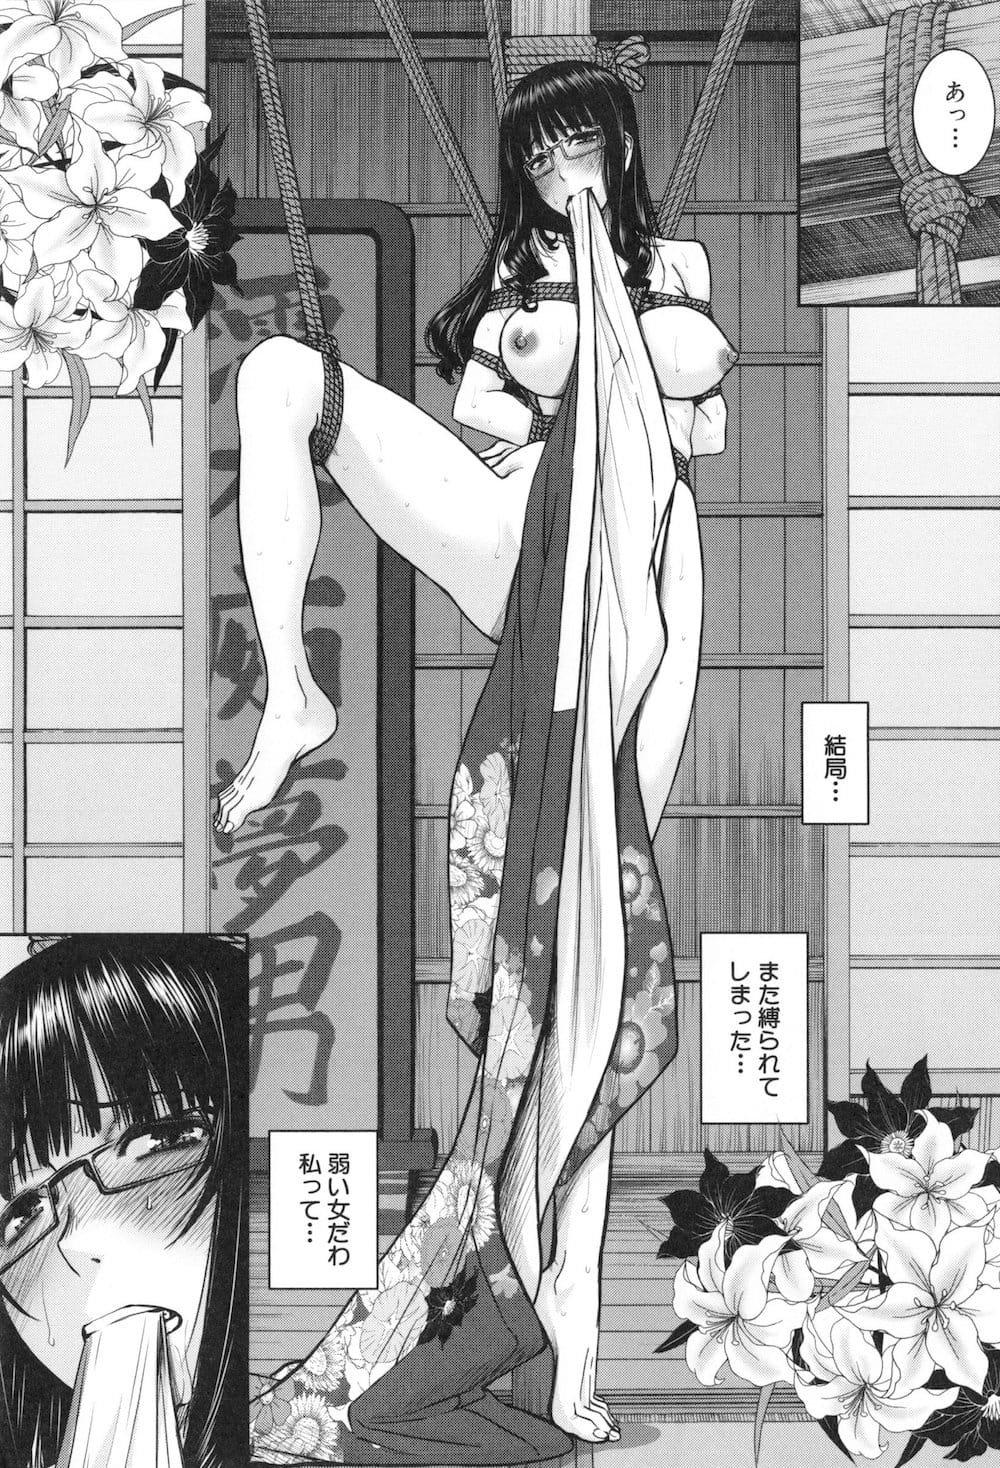 【エロ漫画・同人誌】昨日家庭訪問をしに来て縛られた女性教師が今日もまた縛られて生徒との拘束セックスを楽しむ変態教師だった!